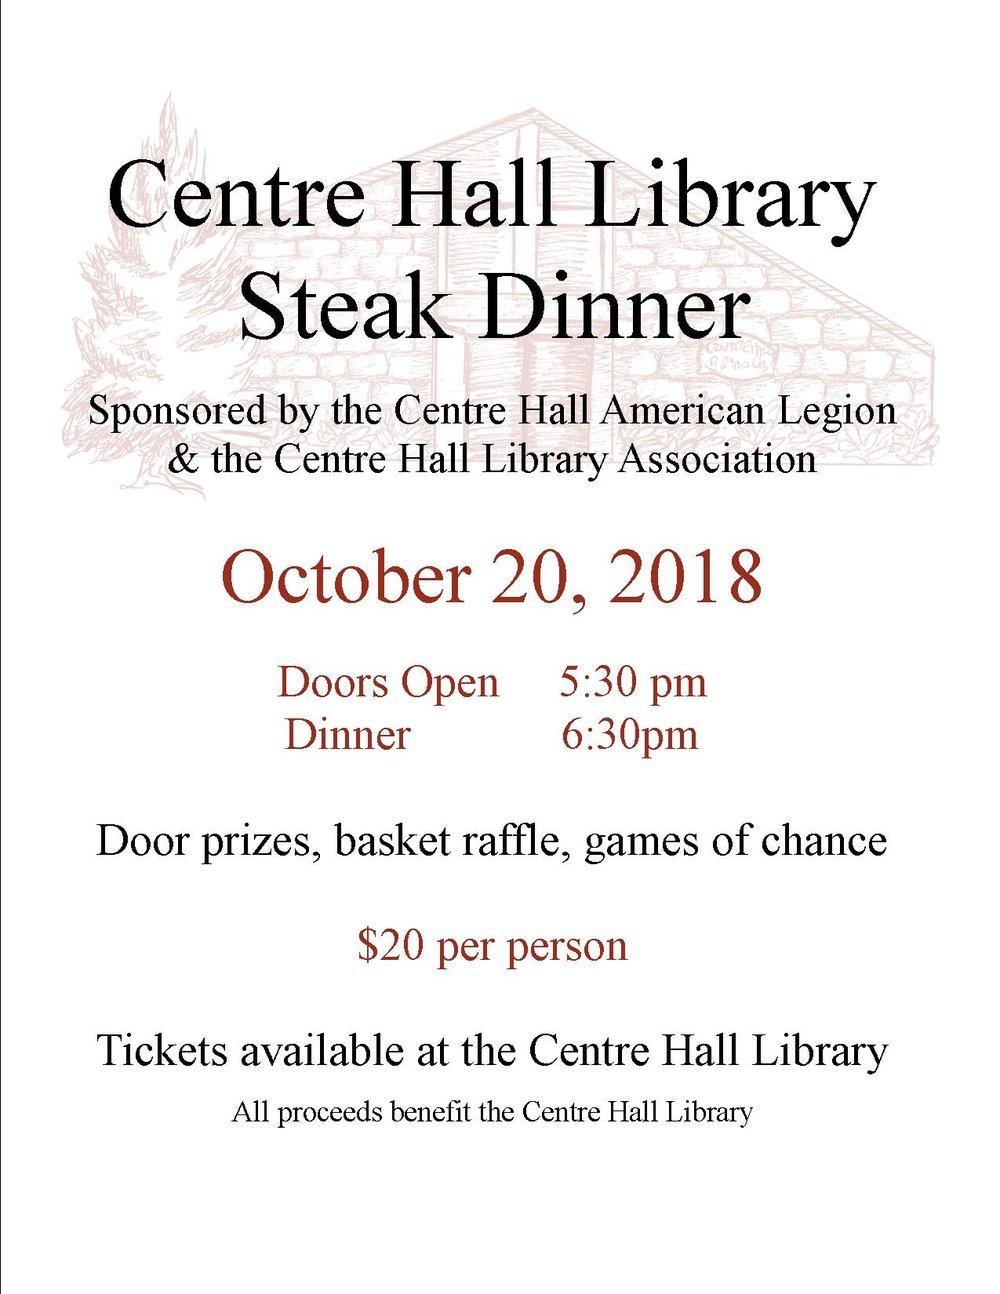 Steak dinner flyer.jpg